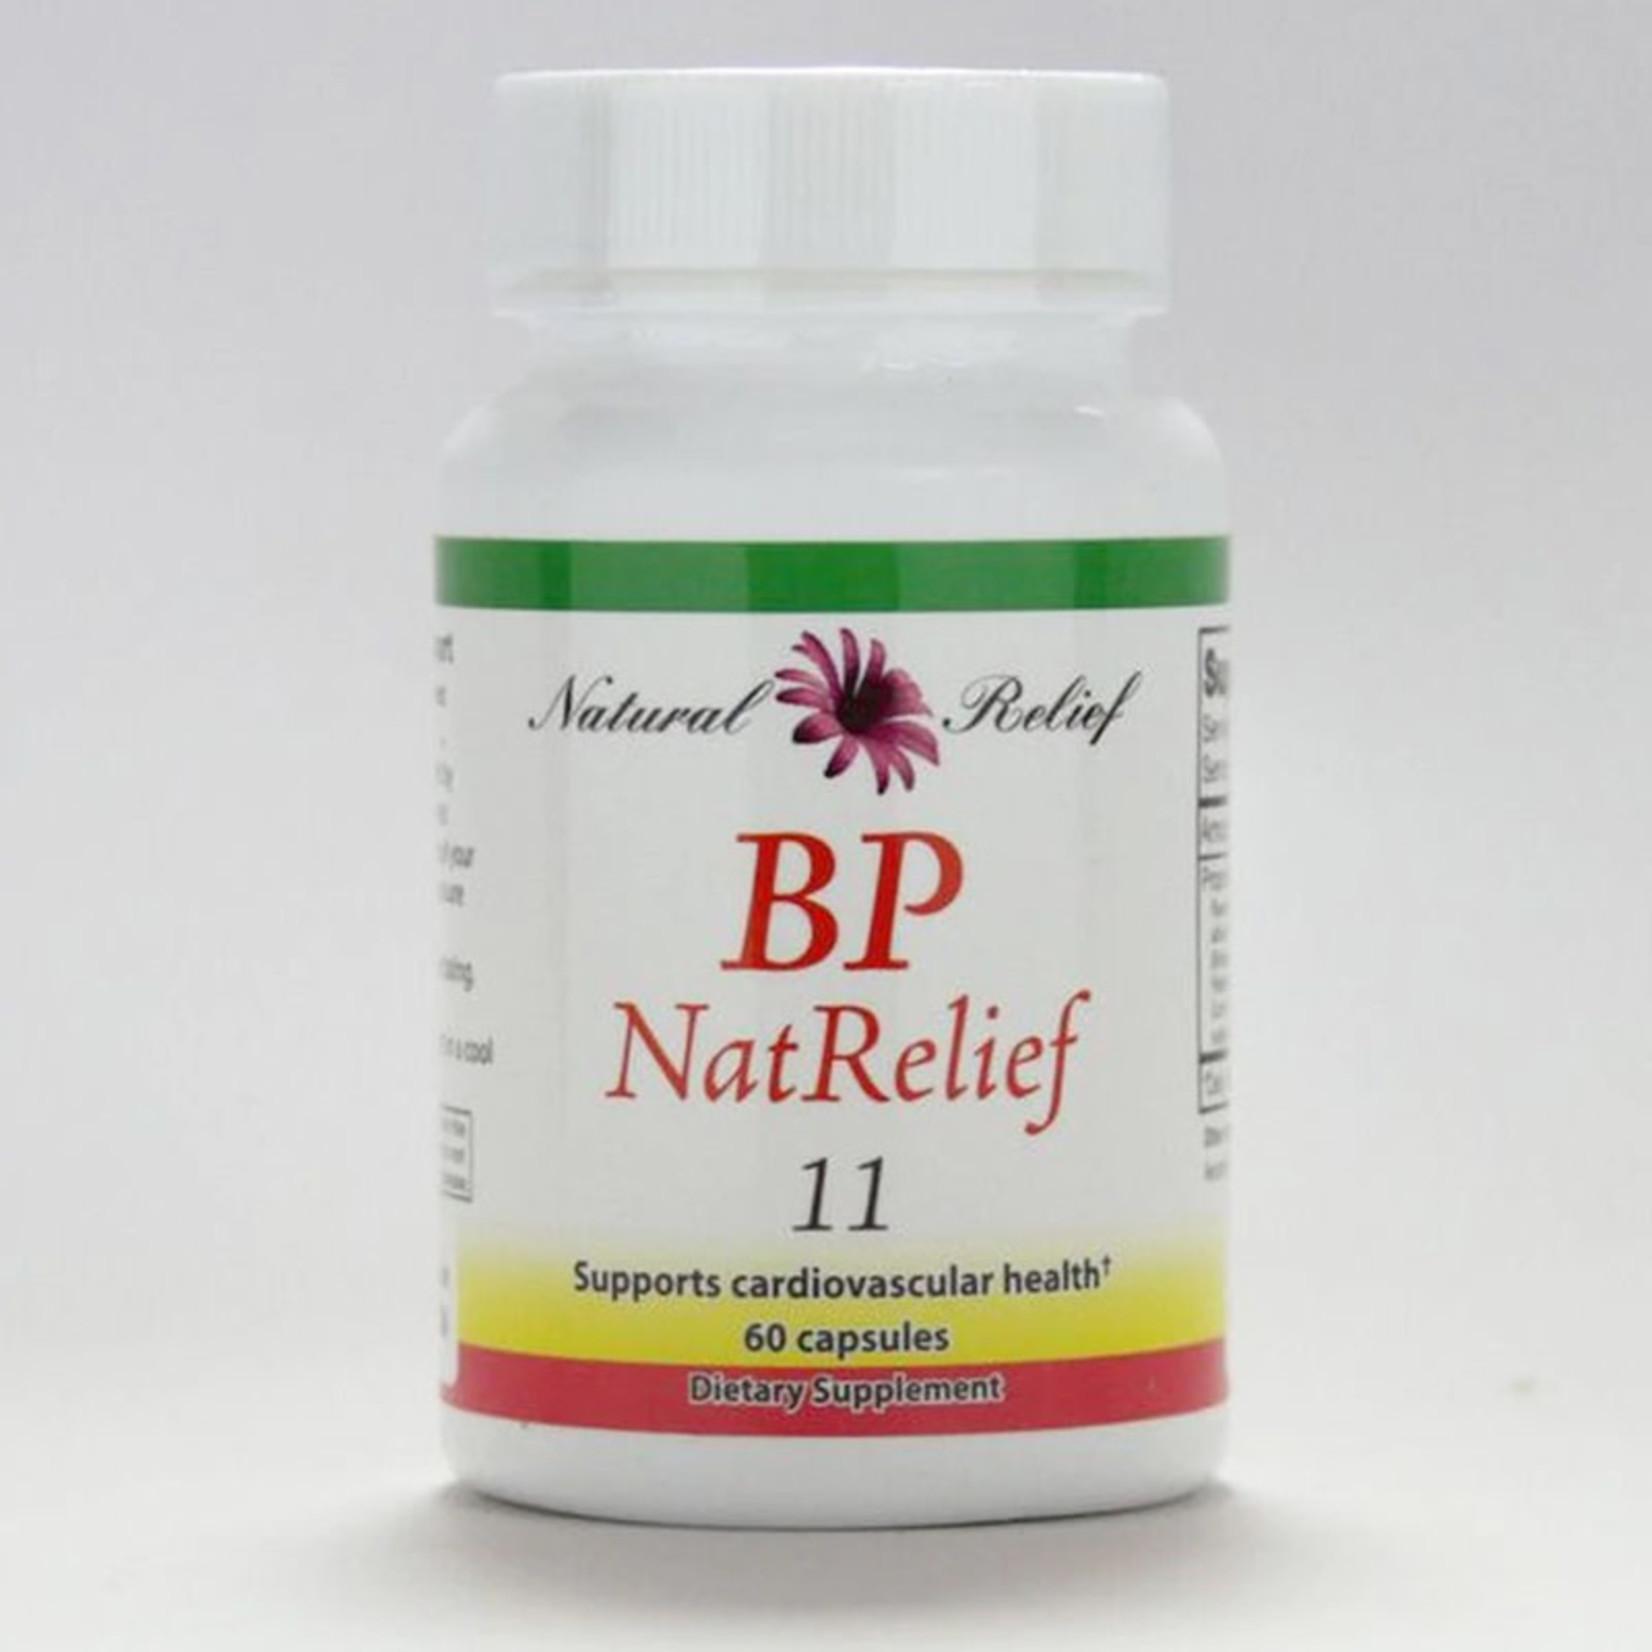 BP NatRelief